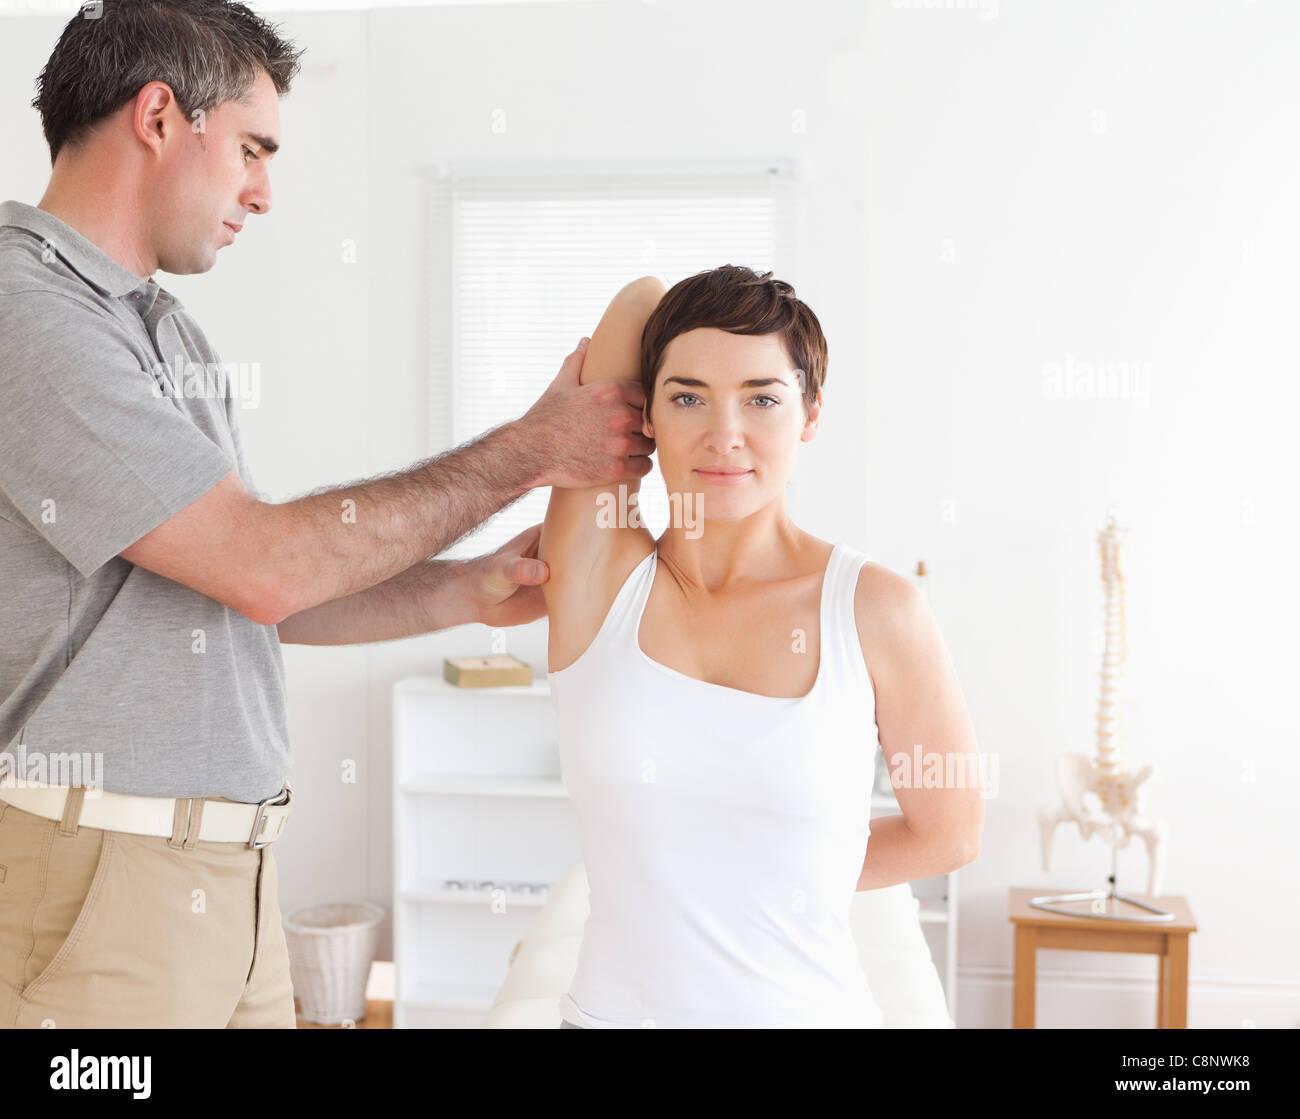 Femme faisant quelques exercices sous surveillance Photo Stock